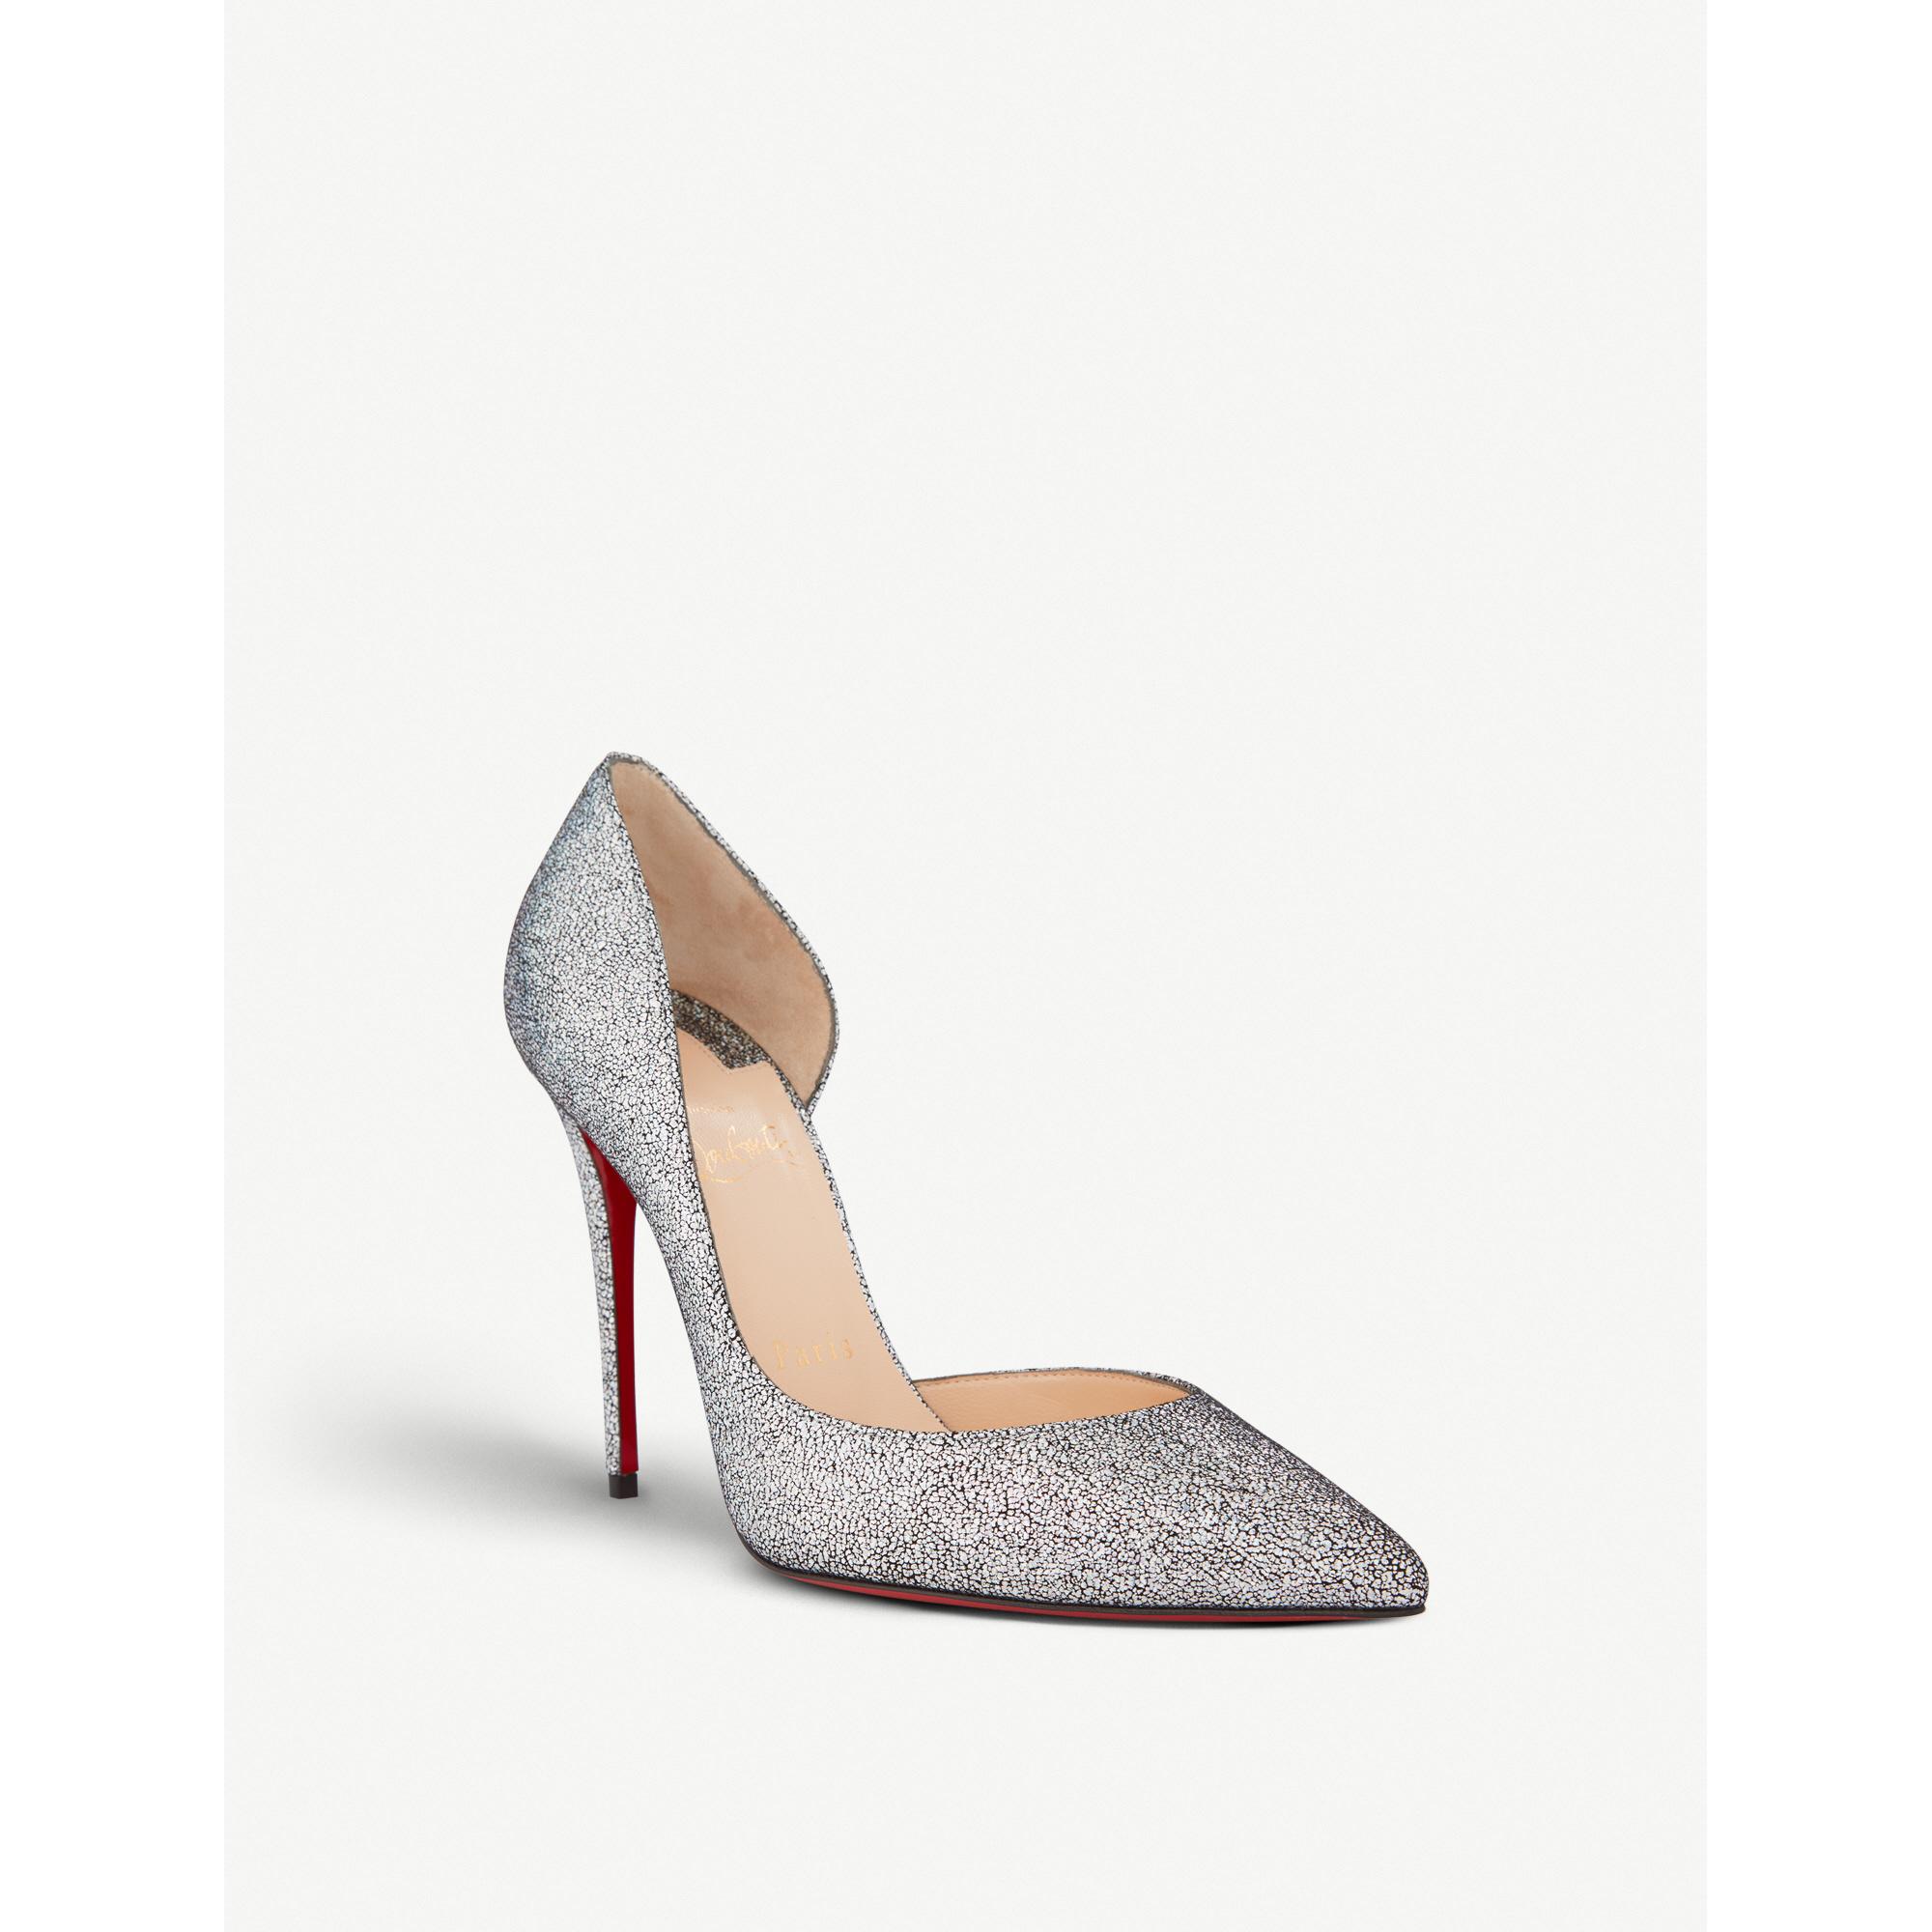 new styles 0a668 59300 CHRISTIAN-LOUBOUTIN-Iriza-100-nappa-mica-silver-£545 - Style ...